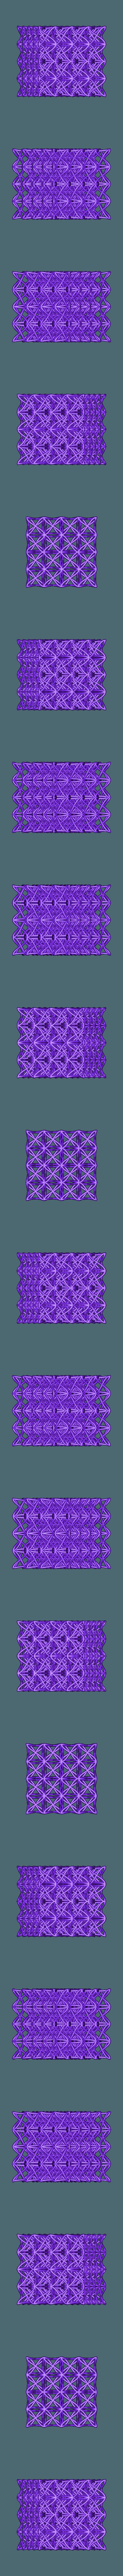 A6_11_4x4_Chiral.stl Télécharger fichier STL gratuit Cellules de l'unité auxiliaire • Objet imprimable en 3D, sjpiper145